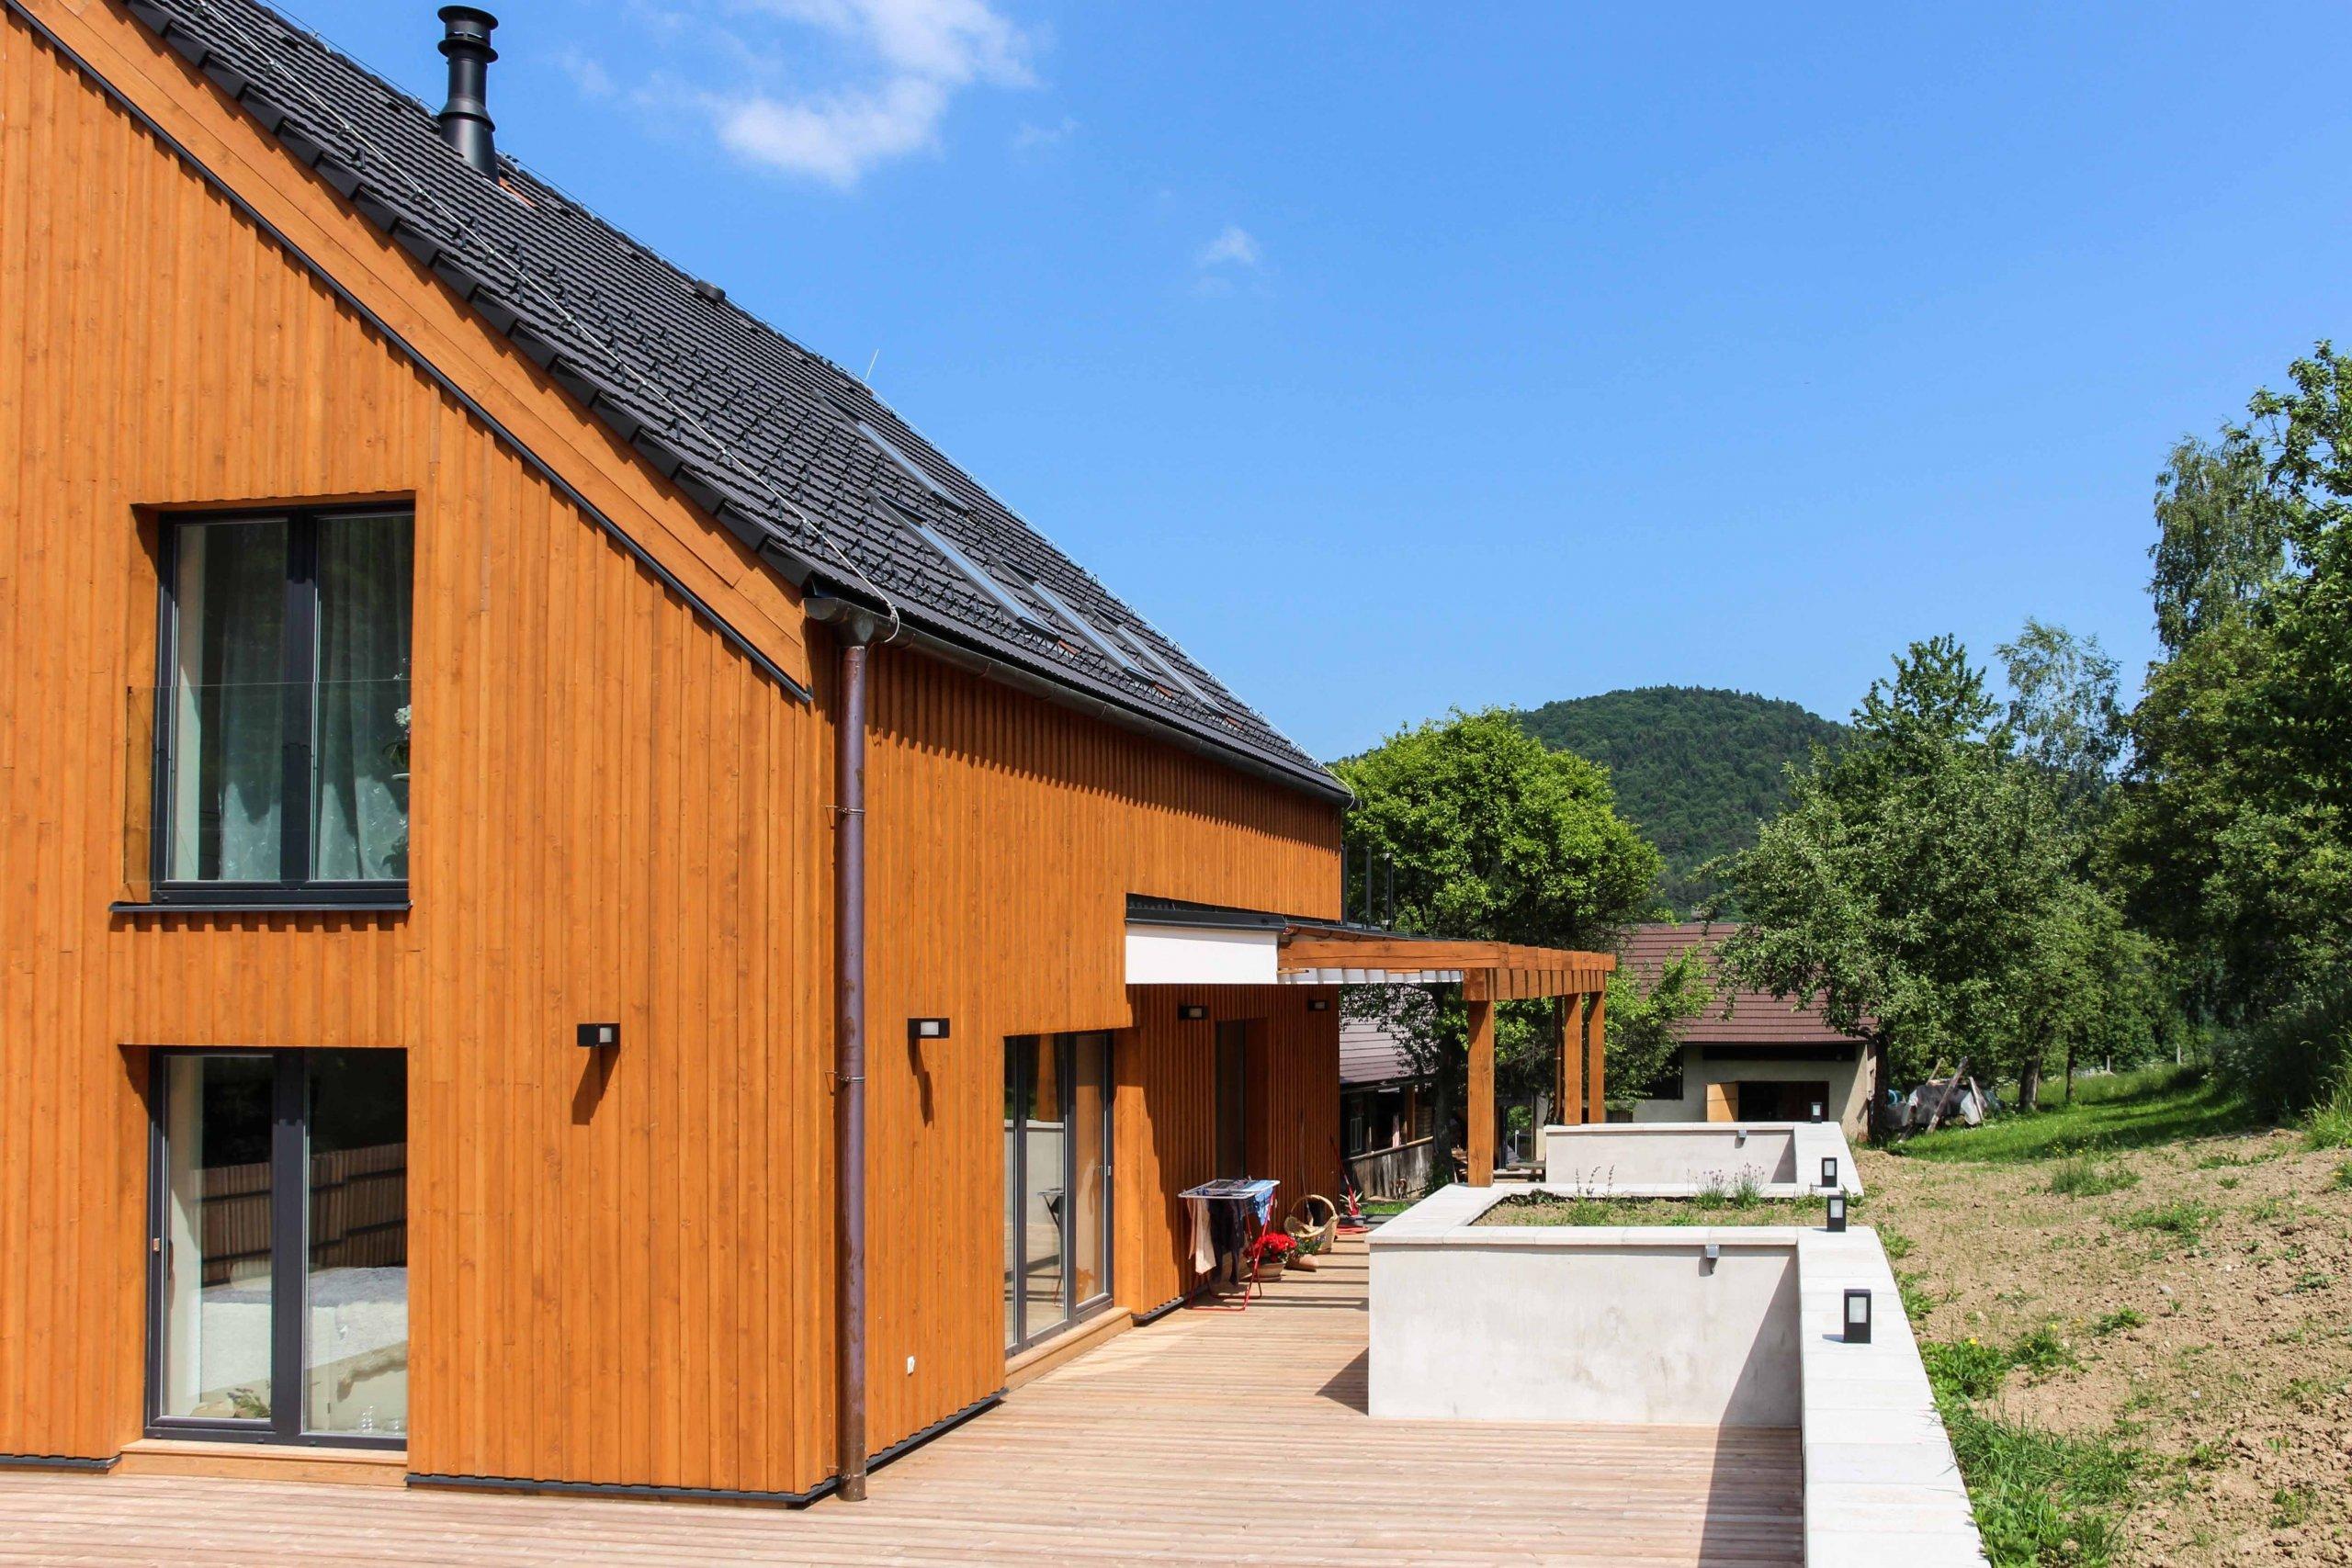 rodinný dom zo 60. rokov sme kompletne zrekonštruovali do novej súčasnej architektúry. budova sa nachádza na vidieku v horách. drevený obklad bol kľúčovým…